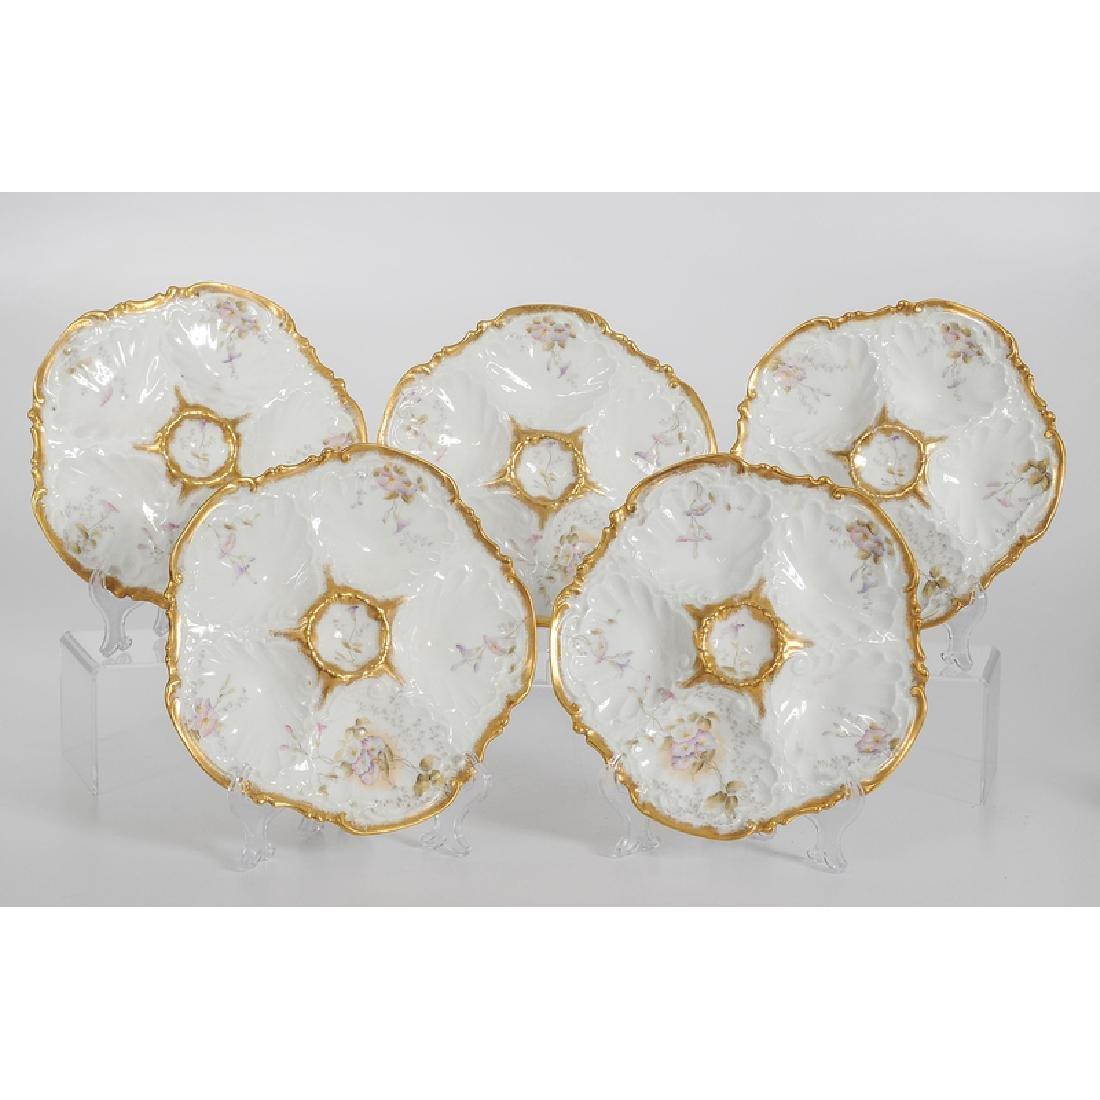 Limoges Porcelain Oyster Plates - 2